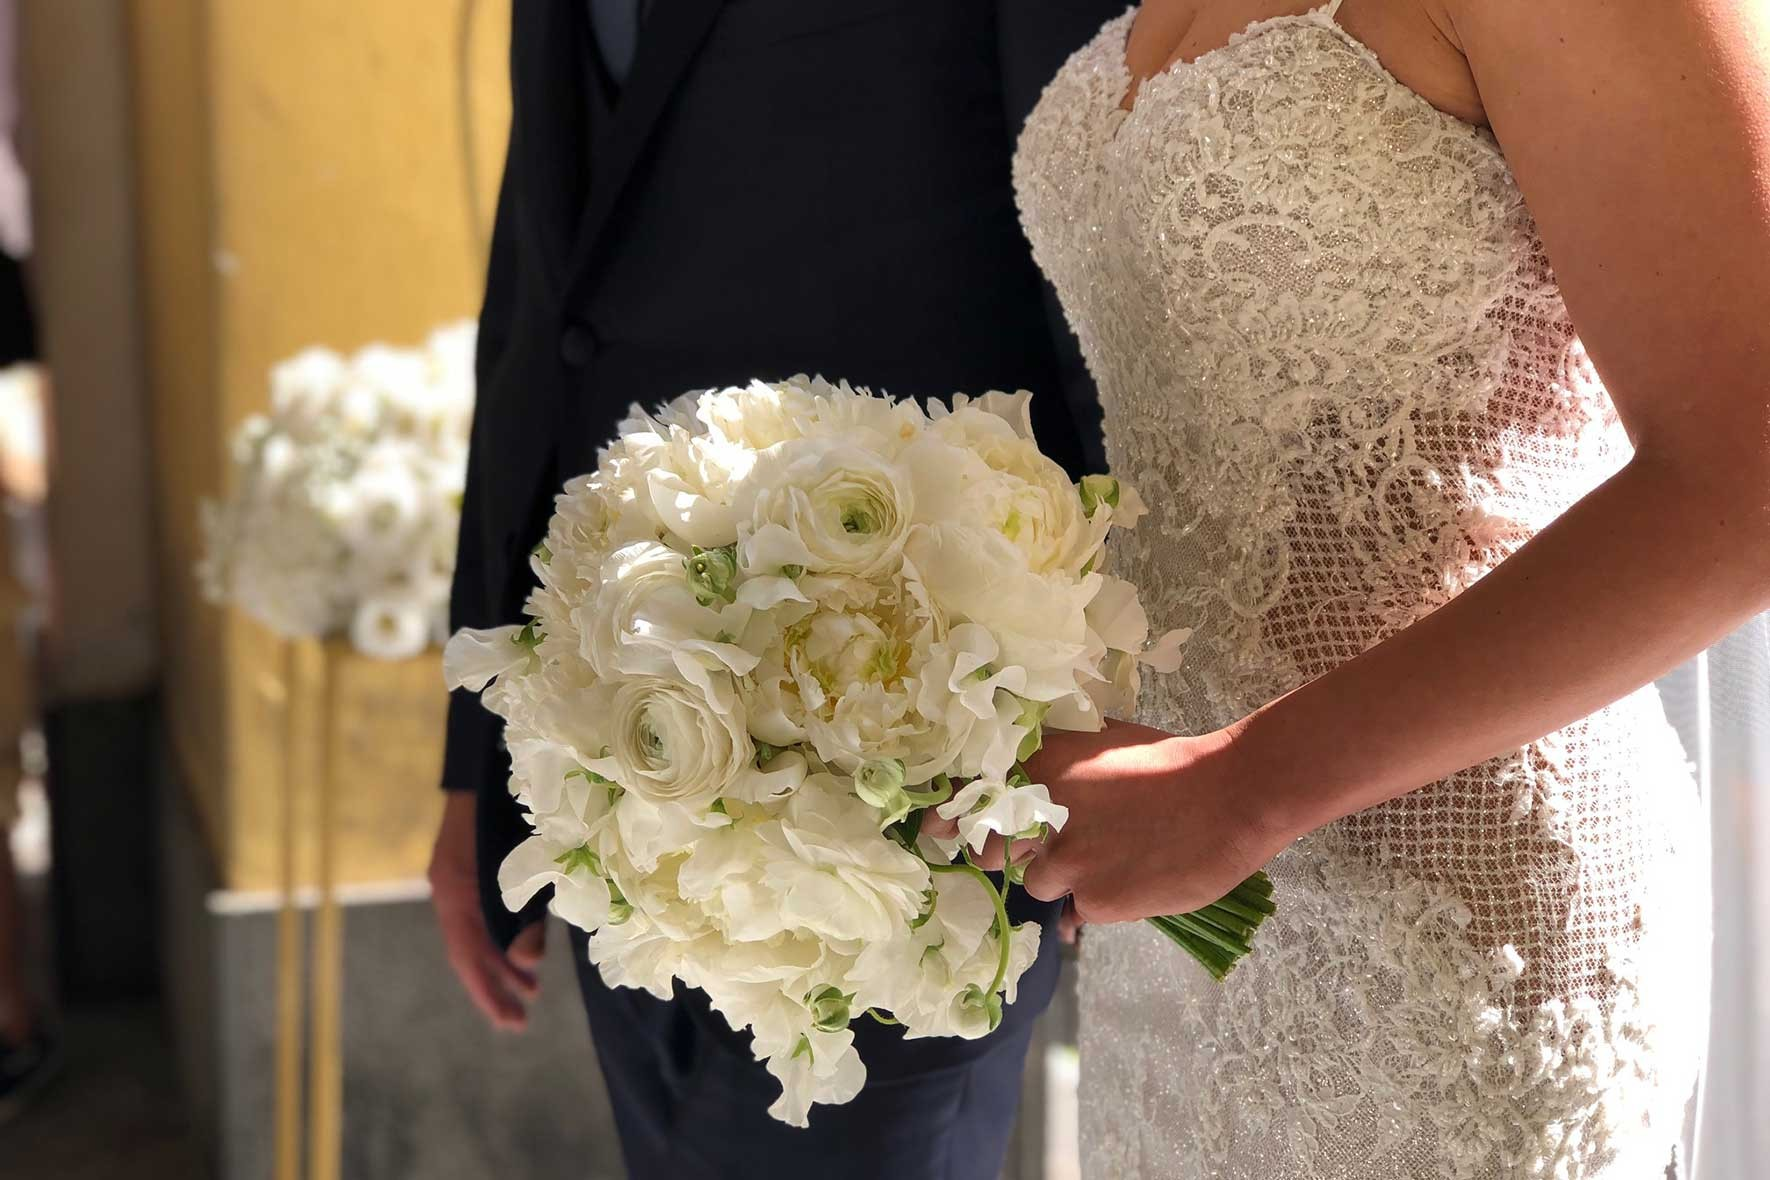 Bouquet Sposa Scettro.Abbinamento Bouquet Abito Da Sposa Ad Ogni Sposa Il Suo Bouquet